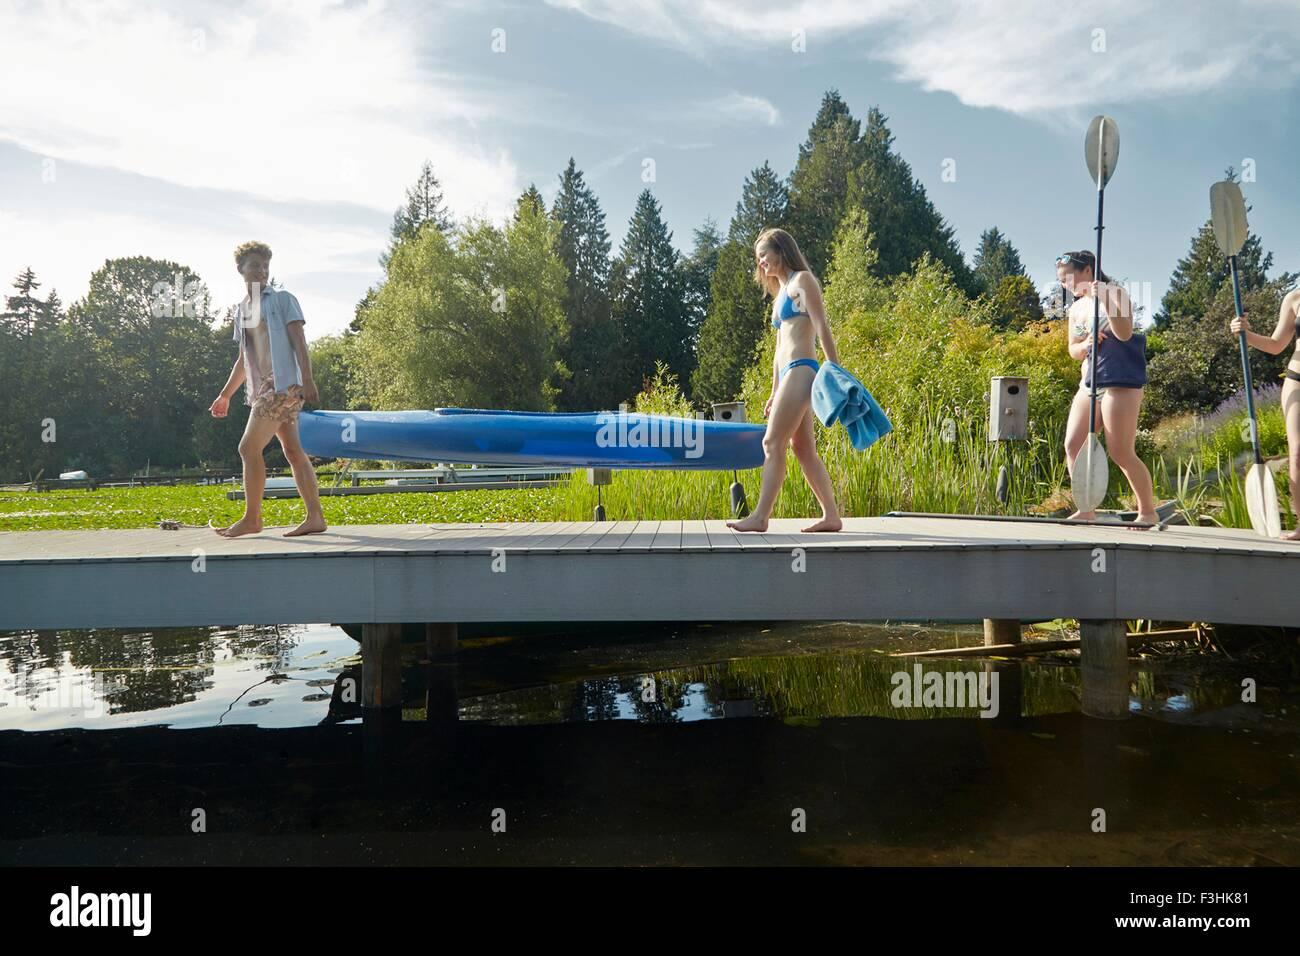 Gli amici di andare in canoa nel lago, Seattle, Washington, Stati Uniti d'America Immagini Stock